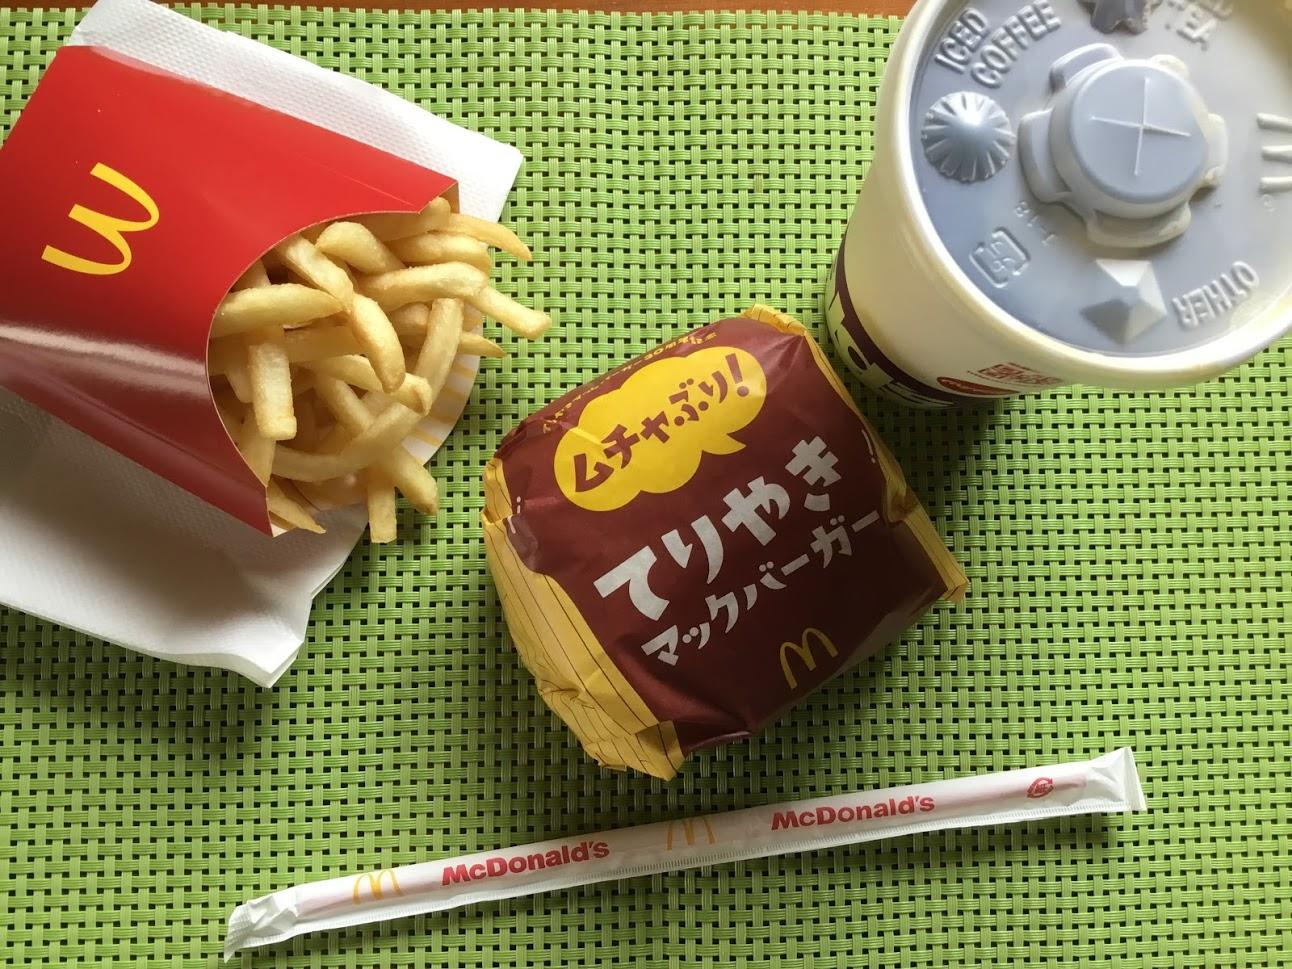 てりやきマックバーガー30周年!ワンコイン500円でてりやきマックのセットをマクドナルド 江平店で喰ってみた!